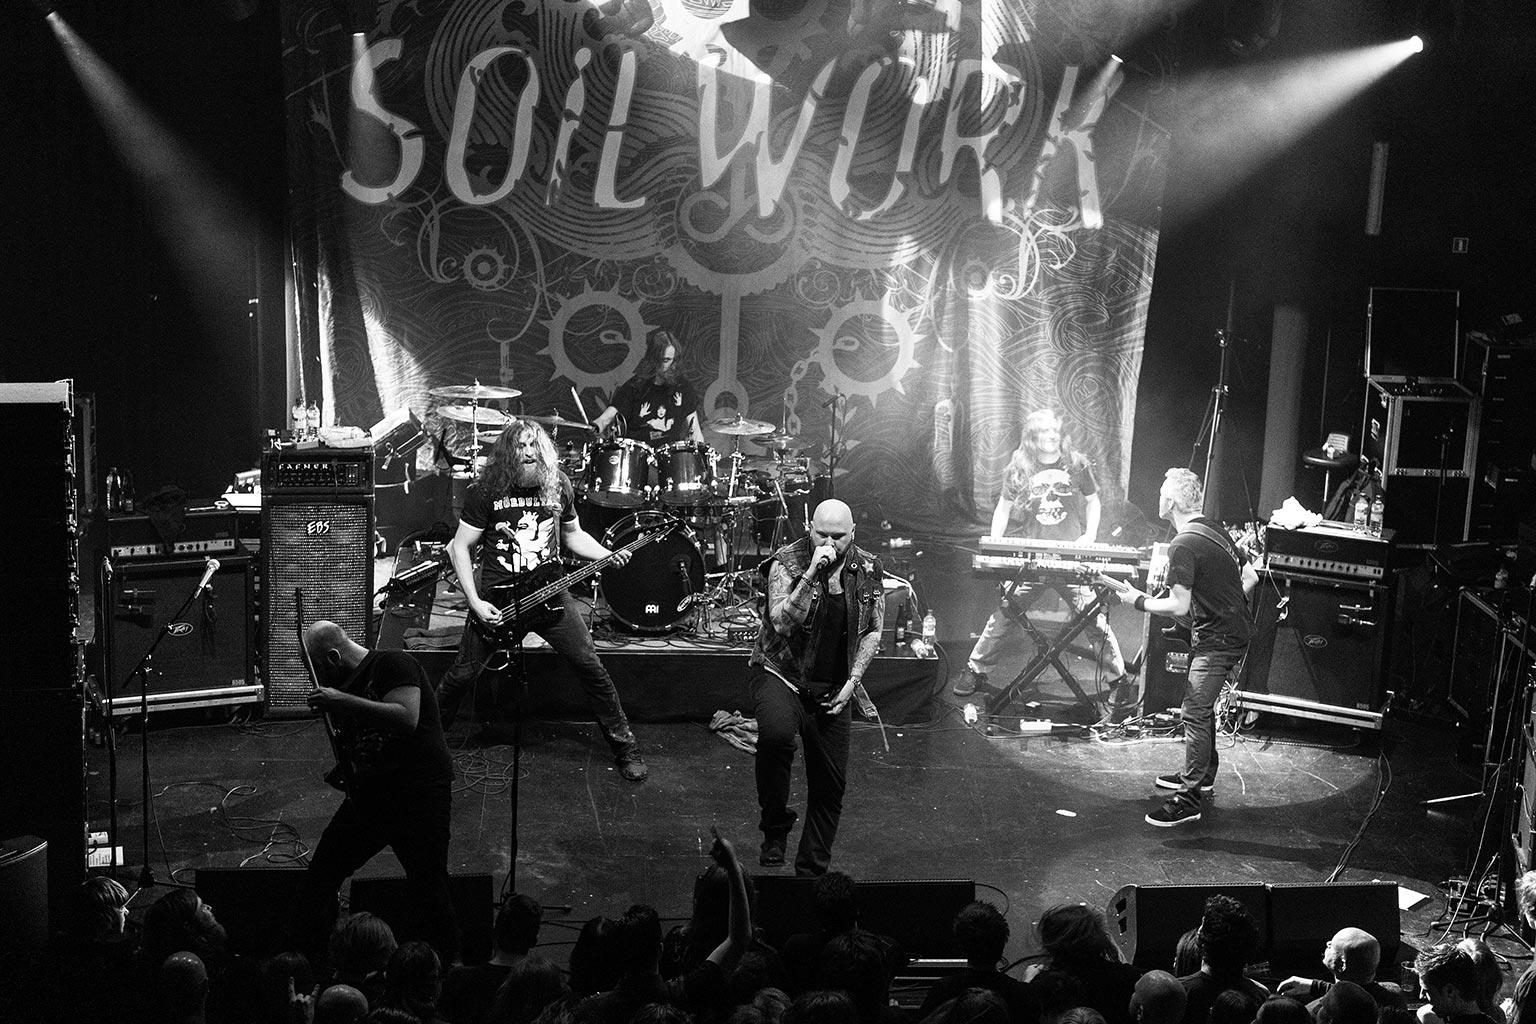 Soilwork-12